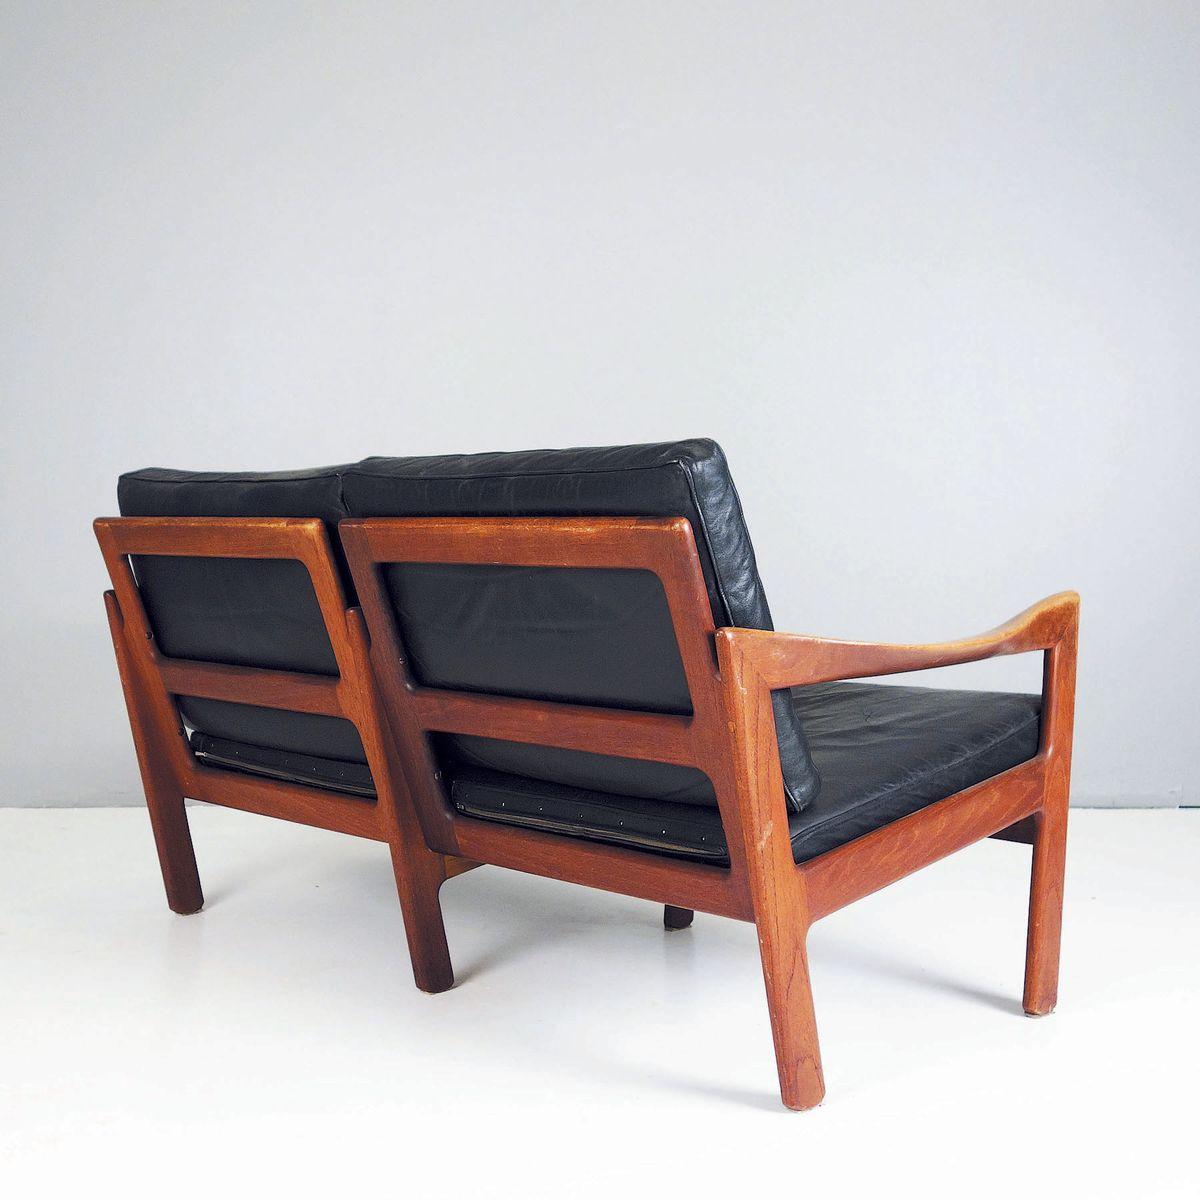 d nisches ledersofa von illum wikkels f r niels eilersen 1960er bei pamono kaufen. Black Bedroom Furniture Sets. Home Design Ideas